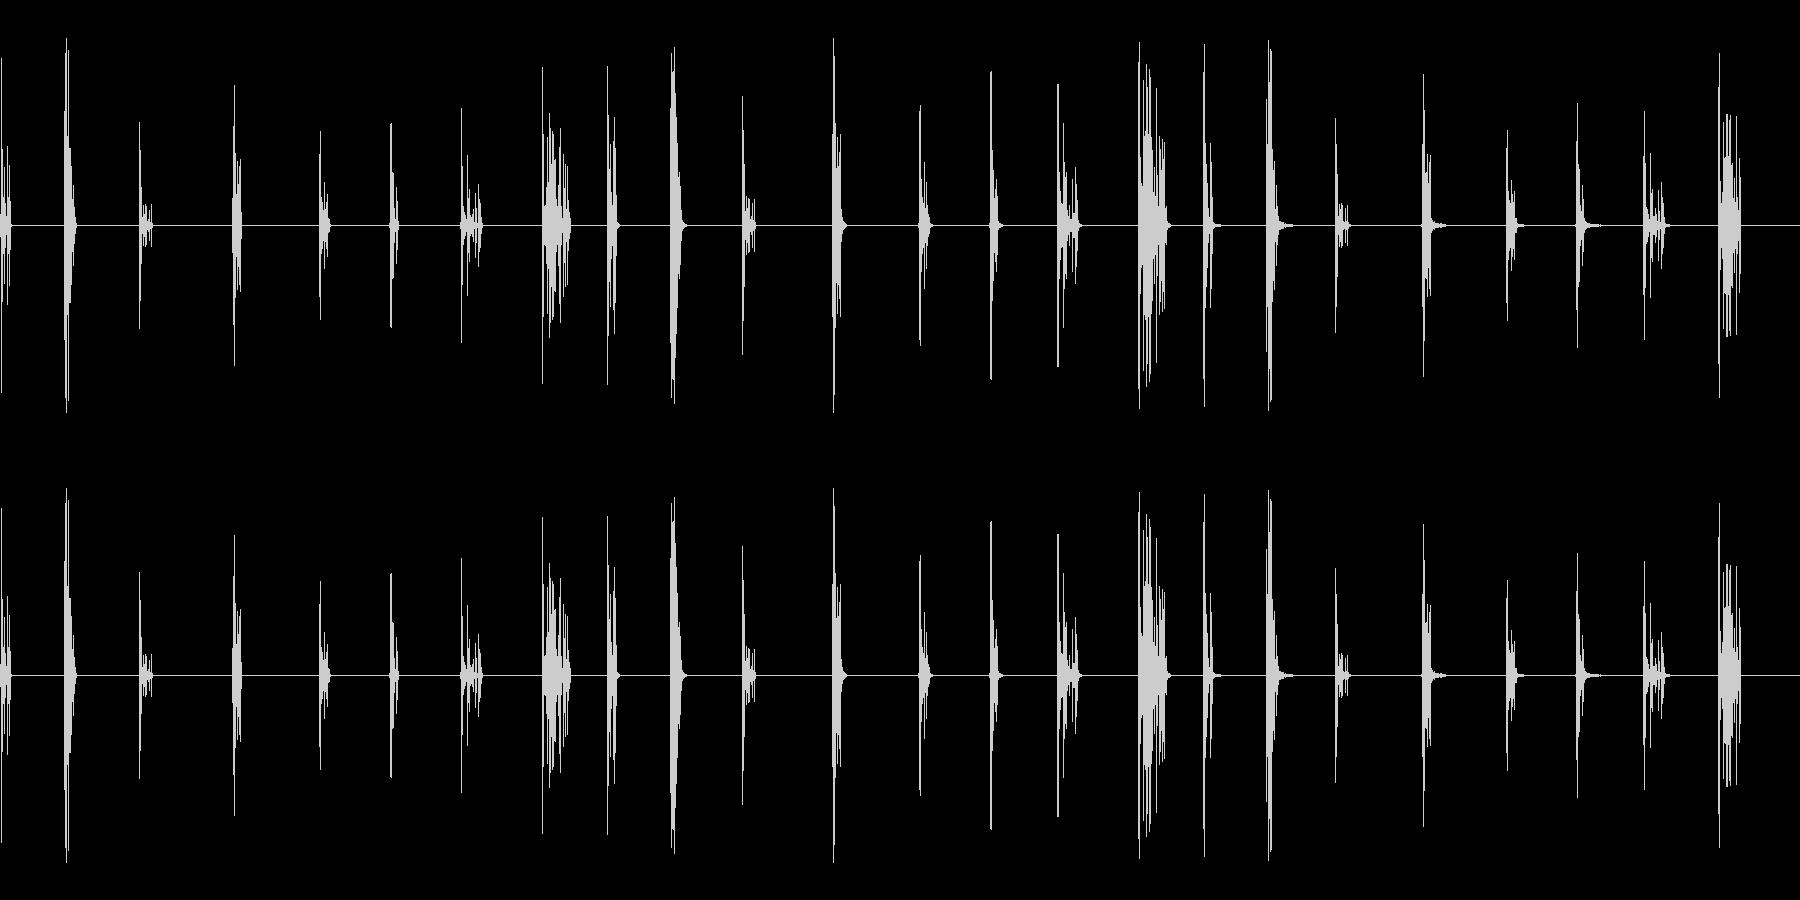 クリスタル、クリスタルブレイクの未再生の波形